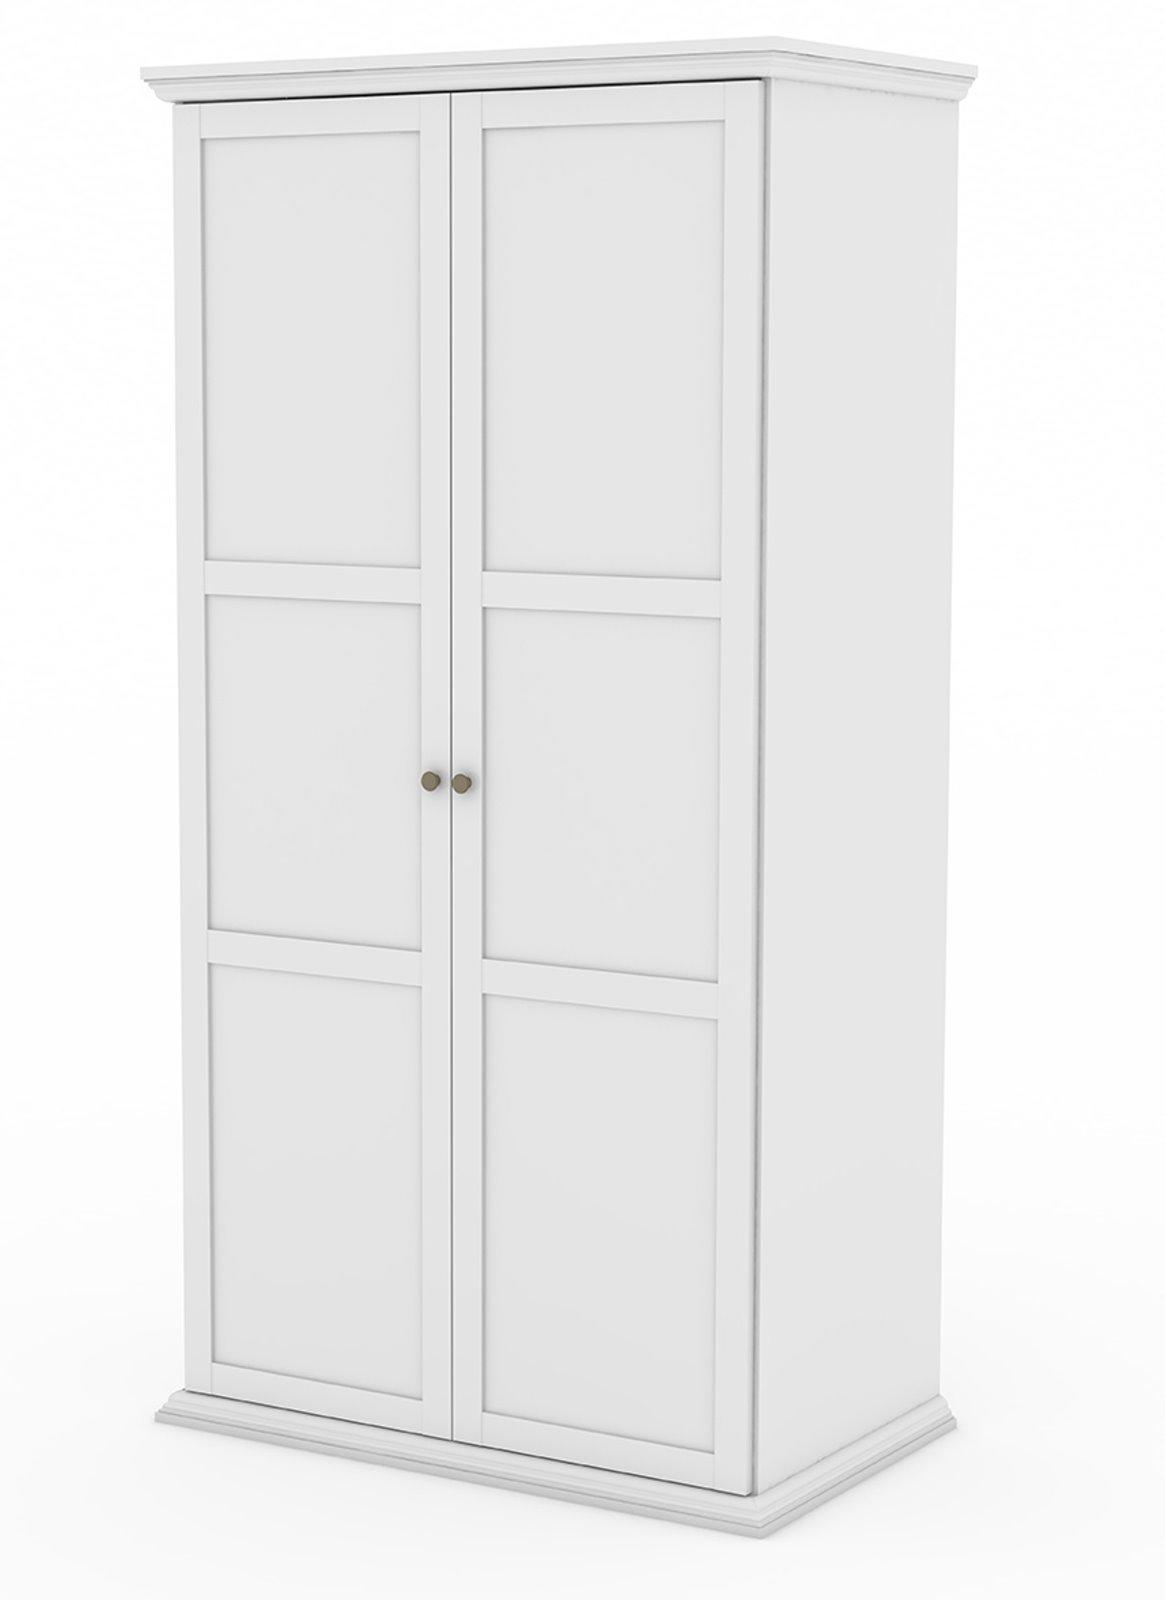 Verschiedene Garderobenschrank Weiß Referenz Von Schlafzimmer Schrank Möbel Weiß